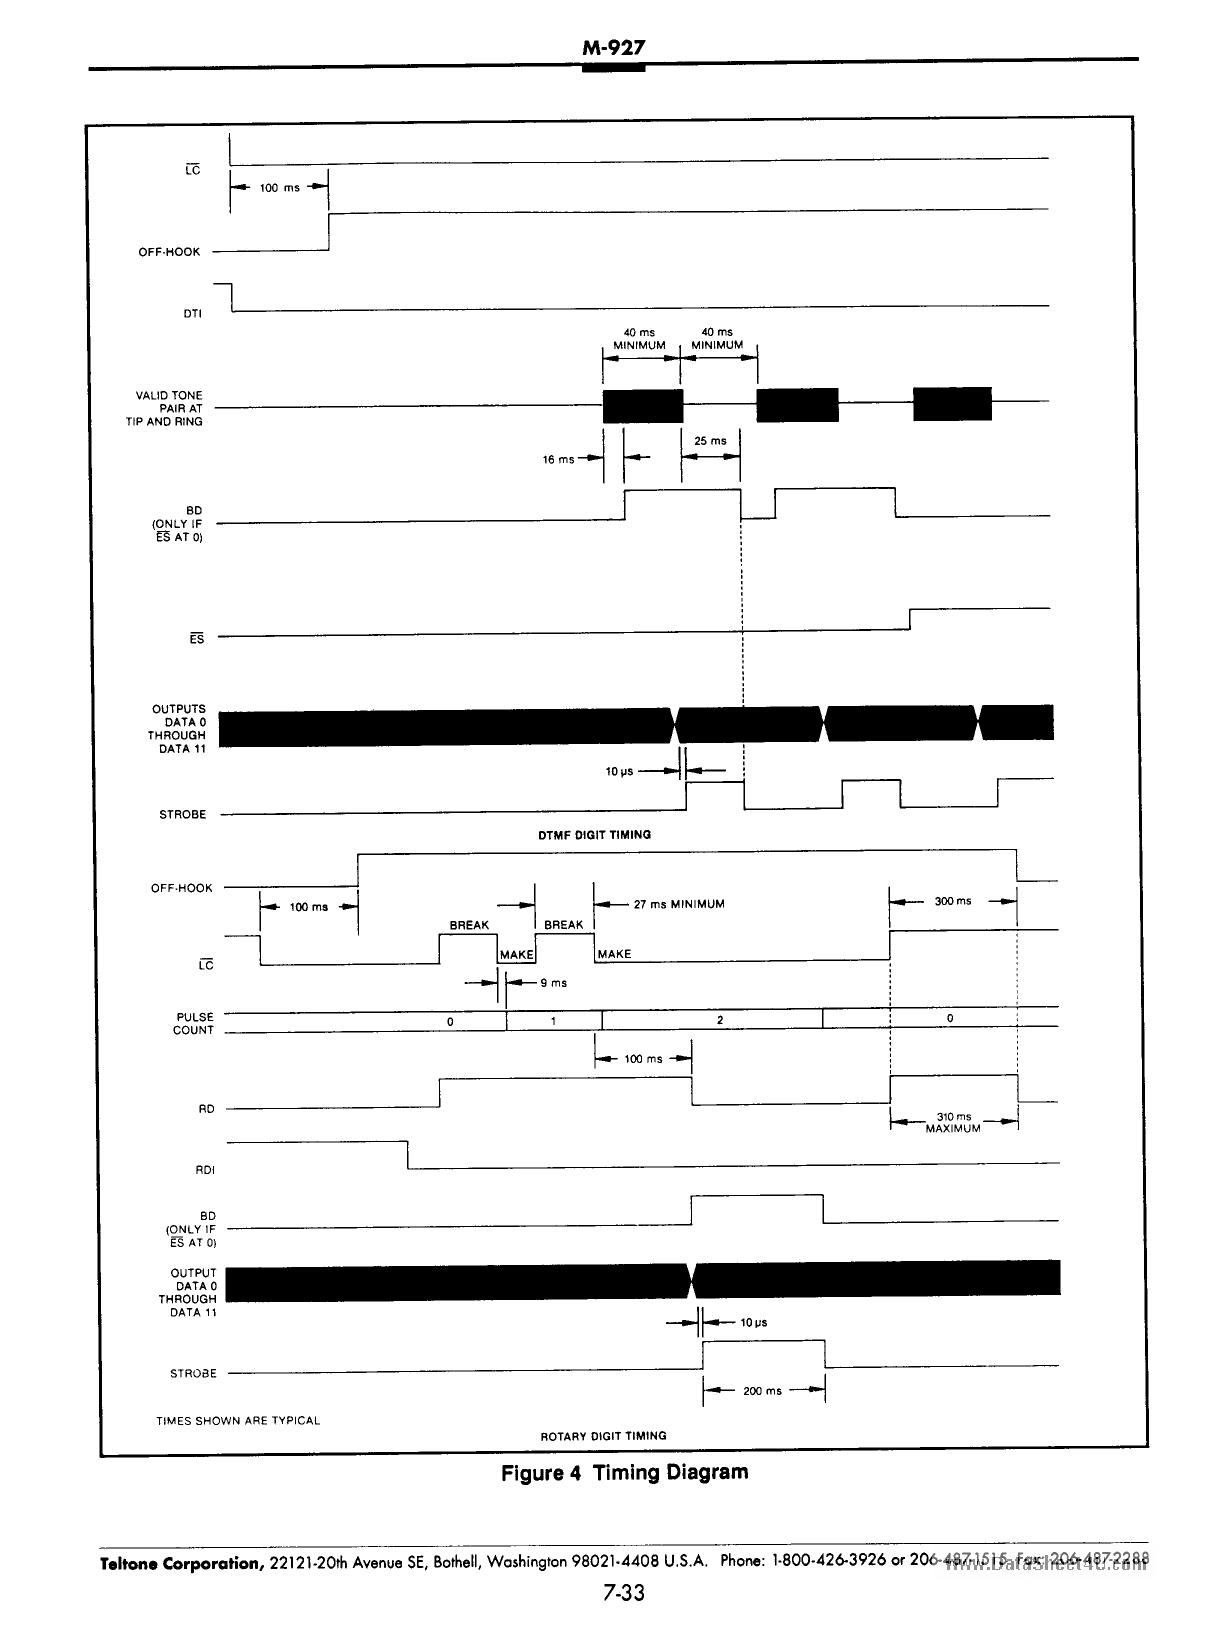 M-927 pdf